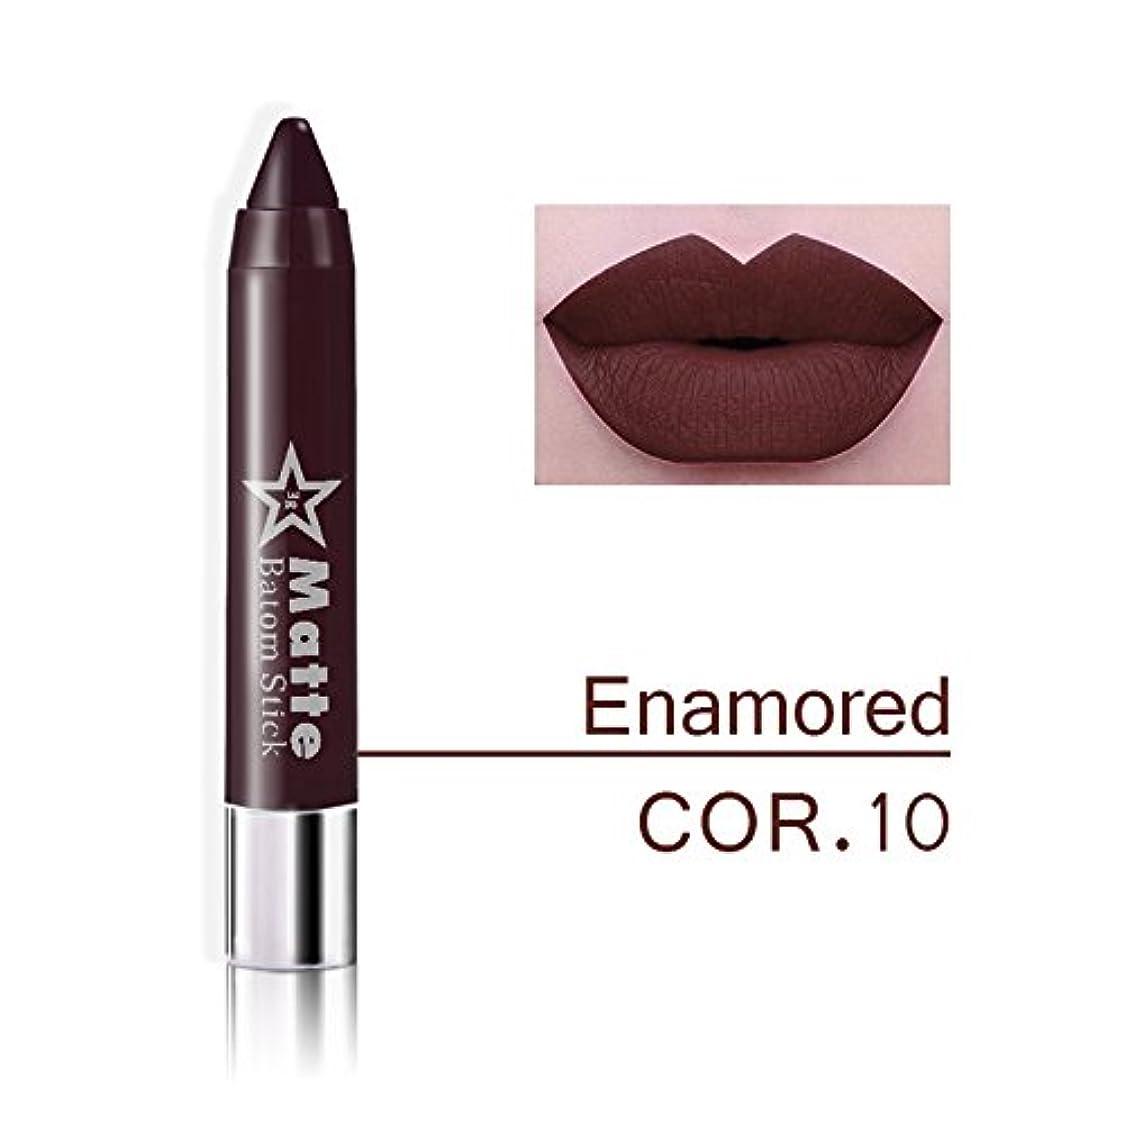 平手打ち拒絶ライムMiss Rose Brand lips Matte Moisturizing Lipstick Makeup Lipsticks Waterproof matte Lip gloss Mate Lipsticks Make up